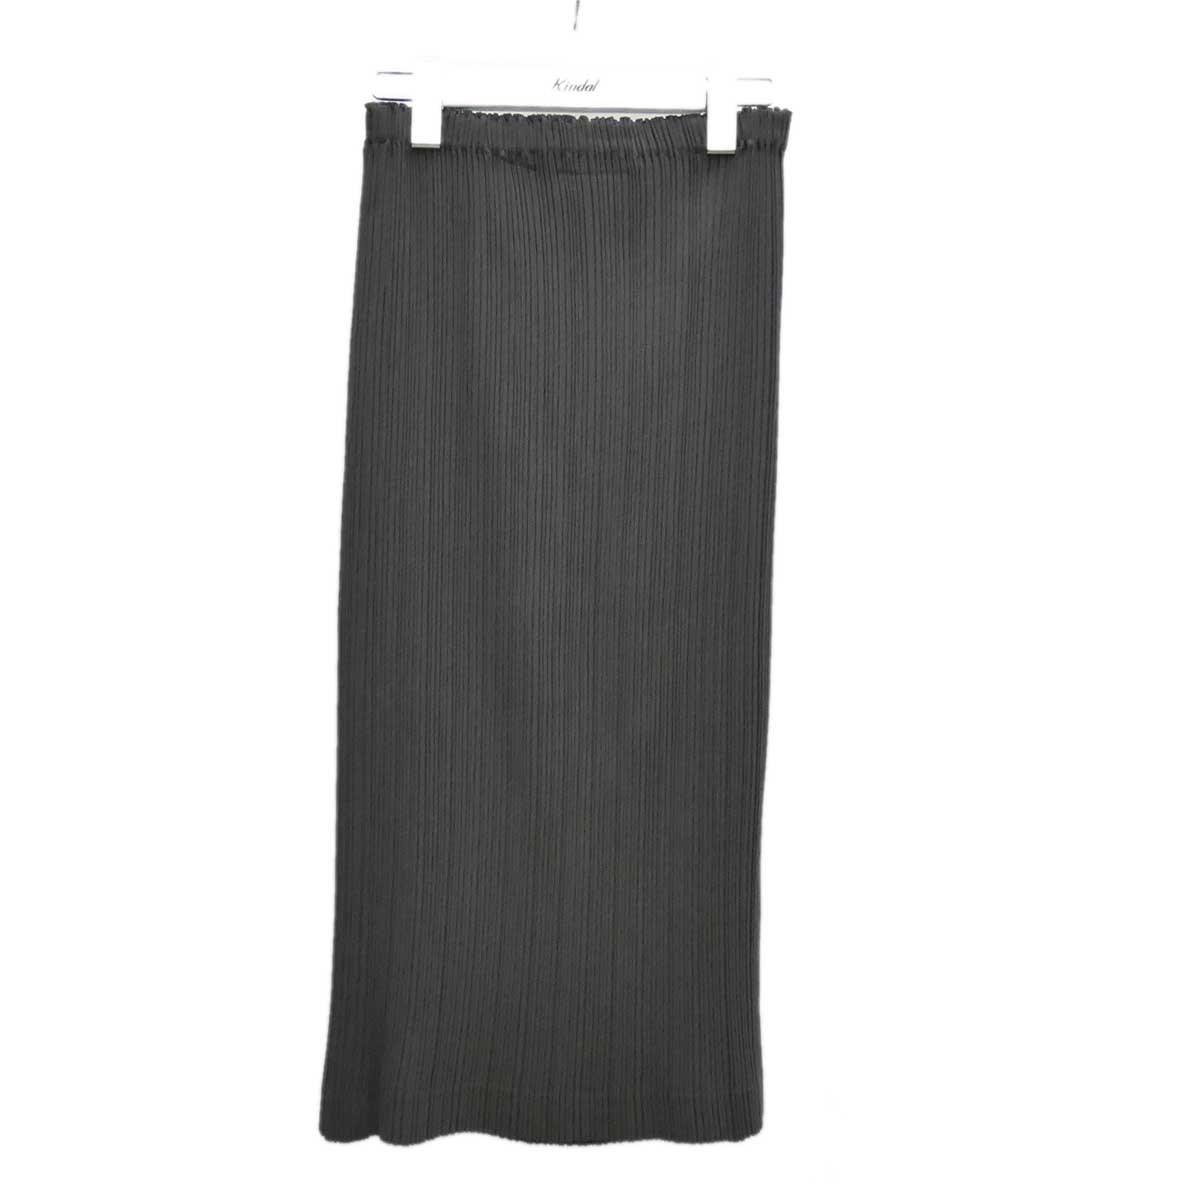 【中古】ISSEY MIYAKE プリーツスカート グレー サイズ:S 【030720】(イッセイミヤケ)